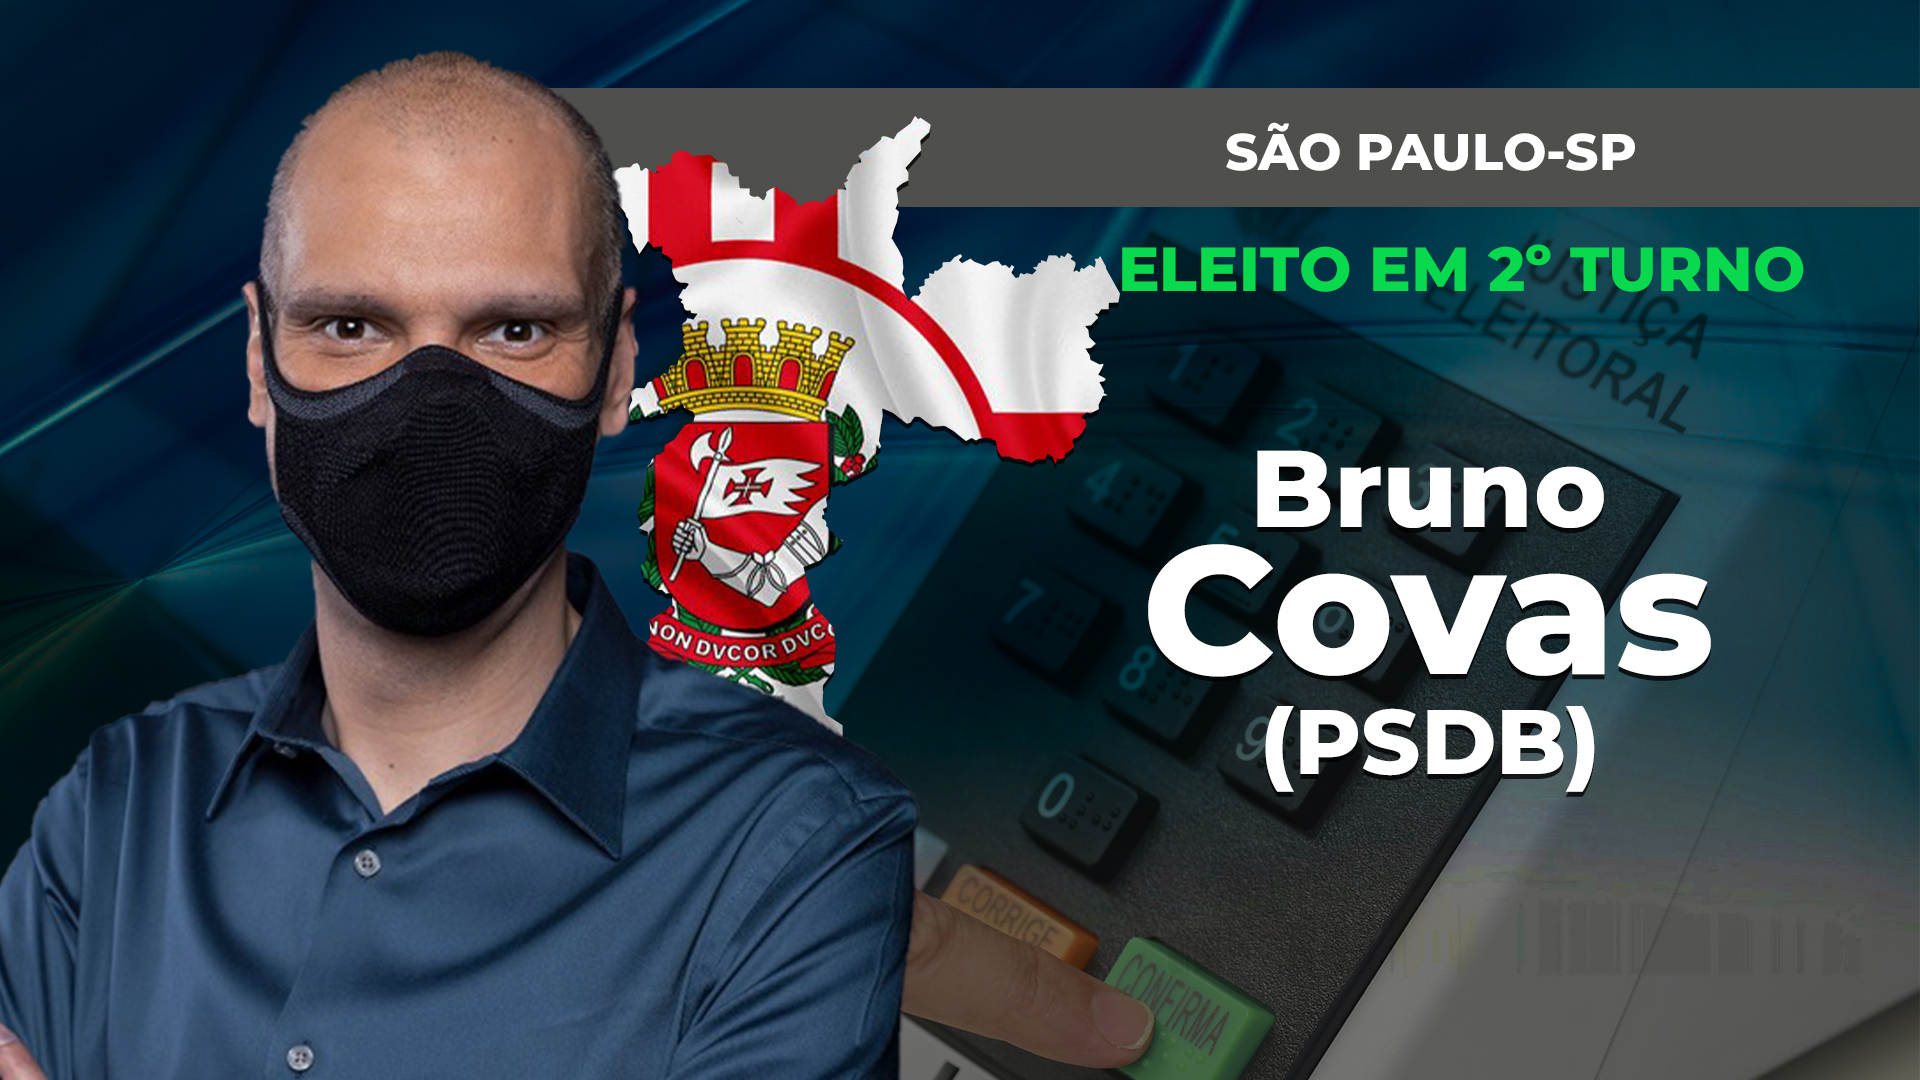 IMAGEM: BRUNO COVAS É REELEITO EM SÃO PAULO